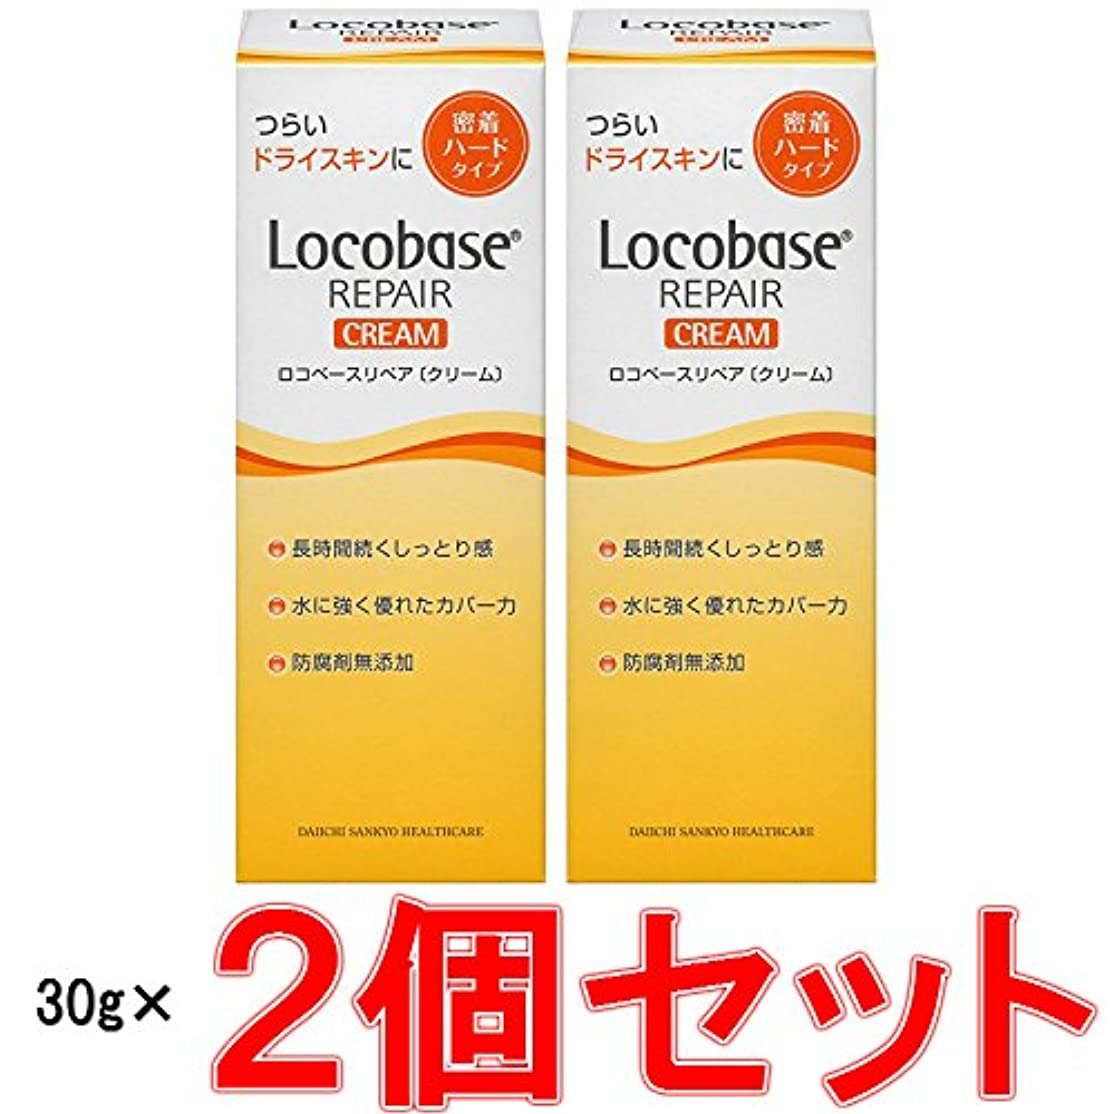 【2個セット】ロコベースリペアクリーム 30g【第一三共ヘルスケア 】